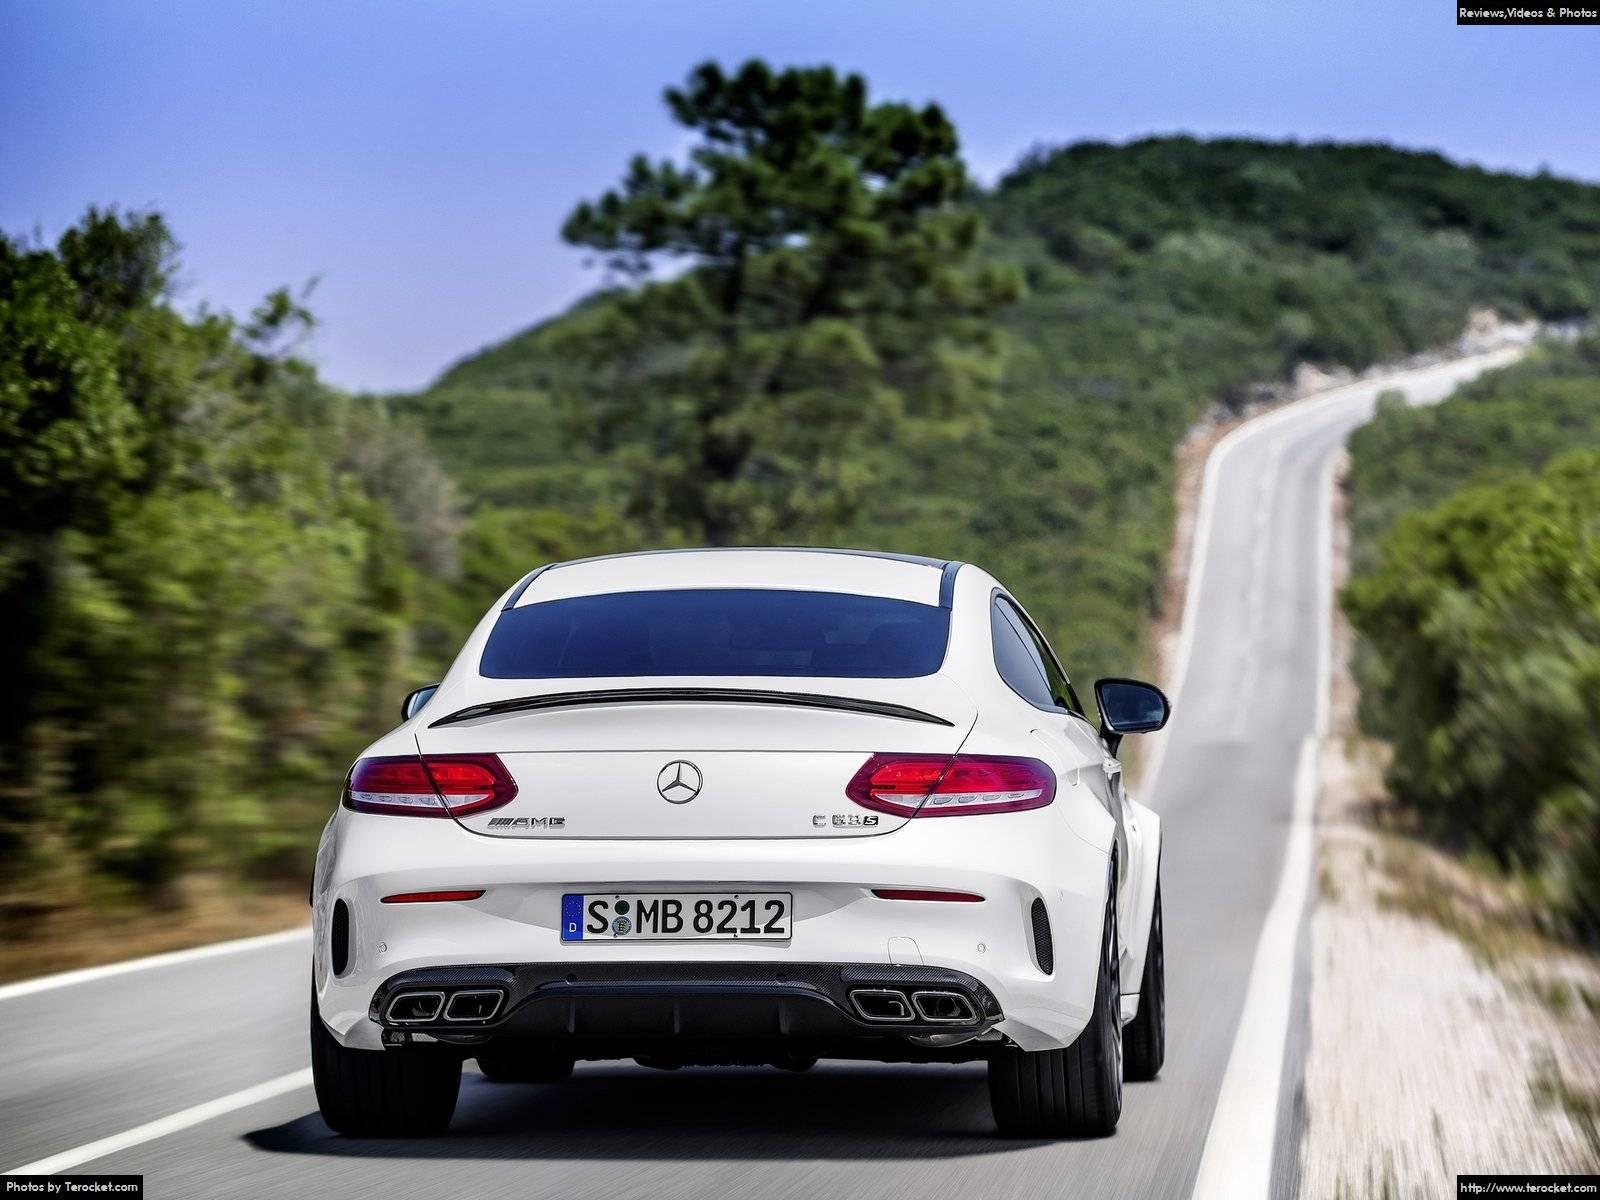 Hình ảnh xe ô tô Mercedes-Benz C63 AMG Coupe 2017 & nội ngoại thất